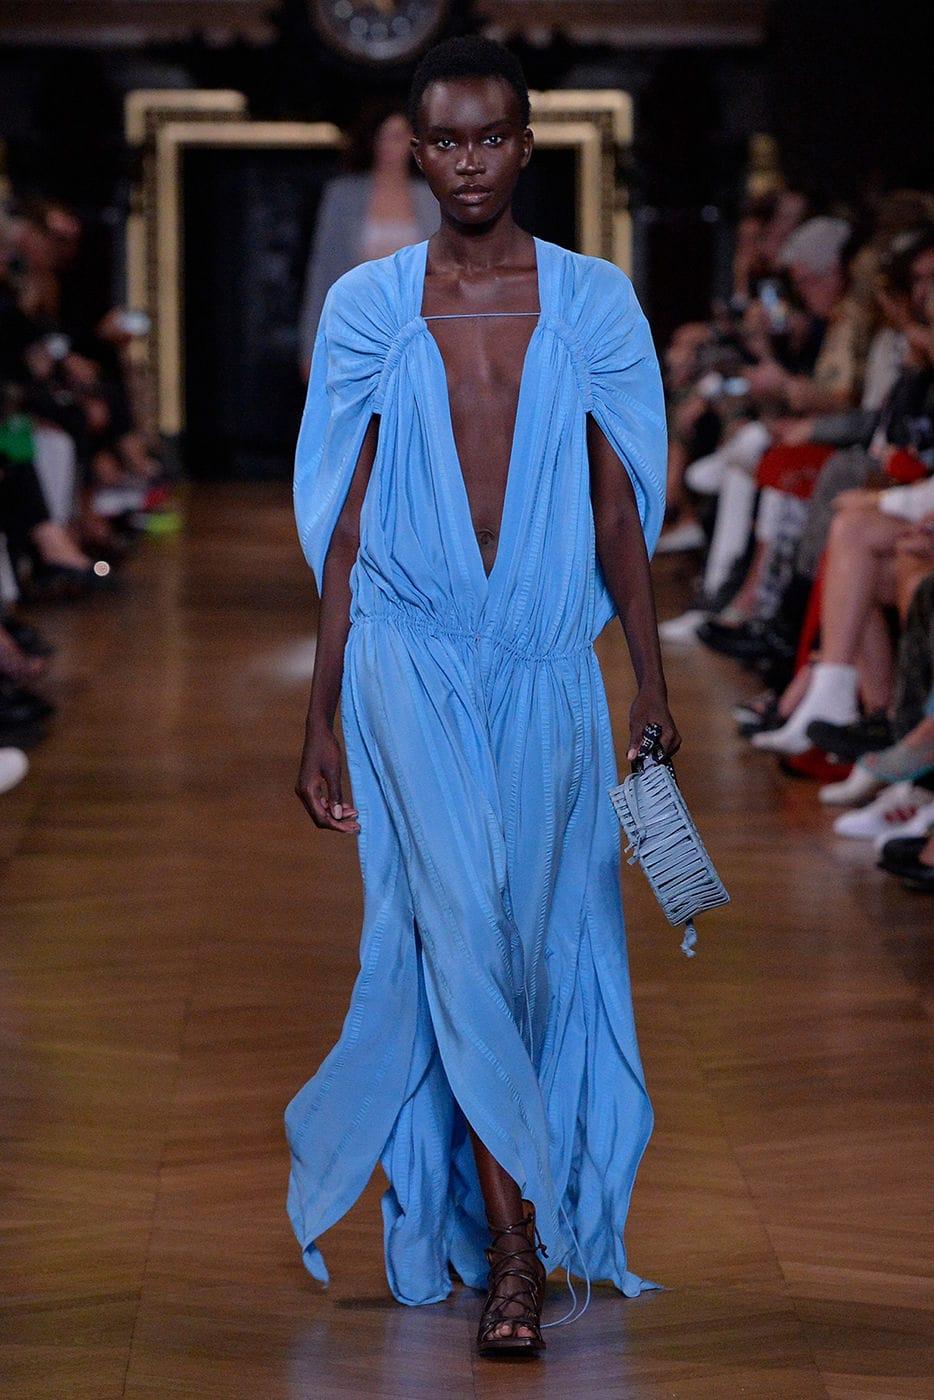 Die nachhaltigste High-Fashion-Kollektion, die es je gegeben hat